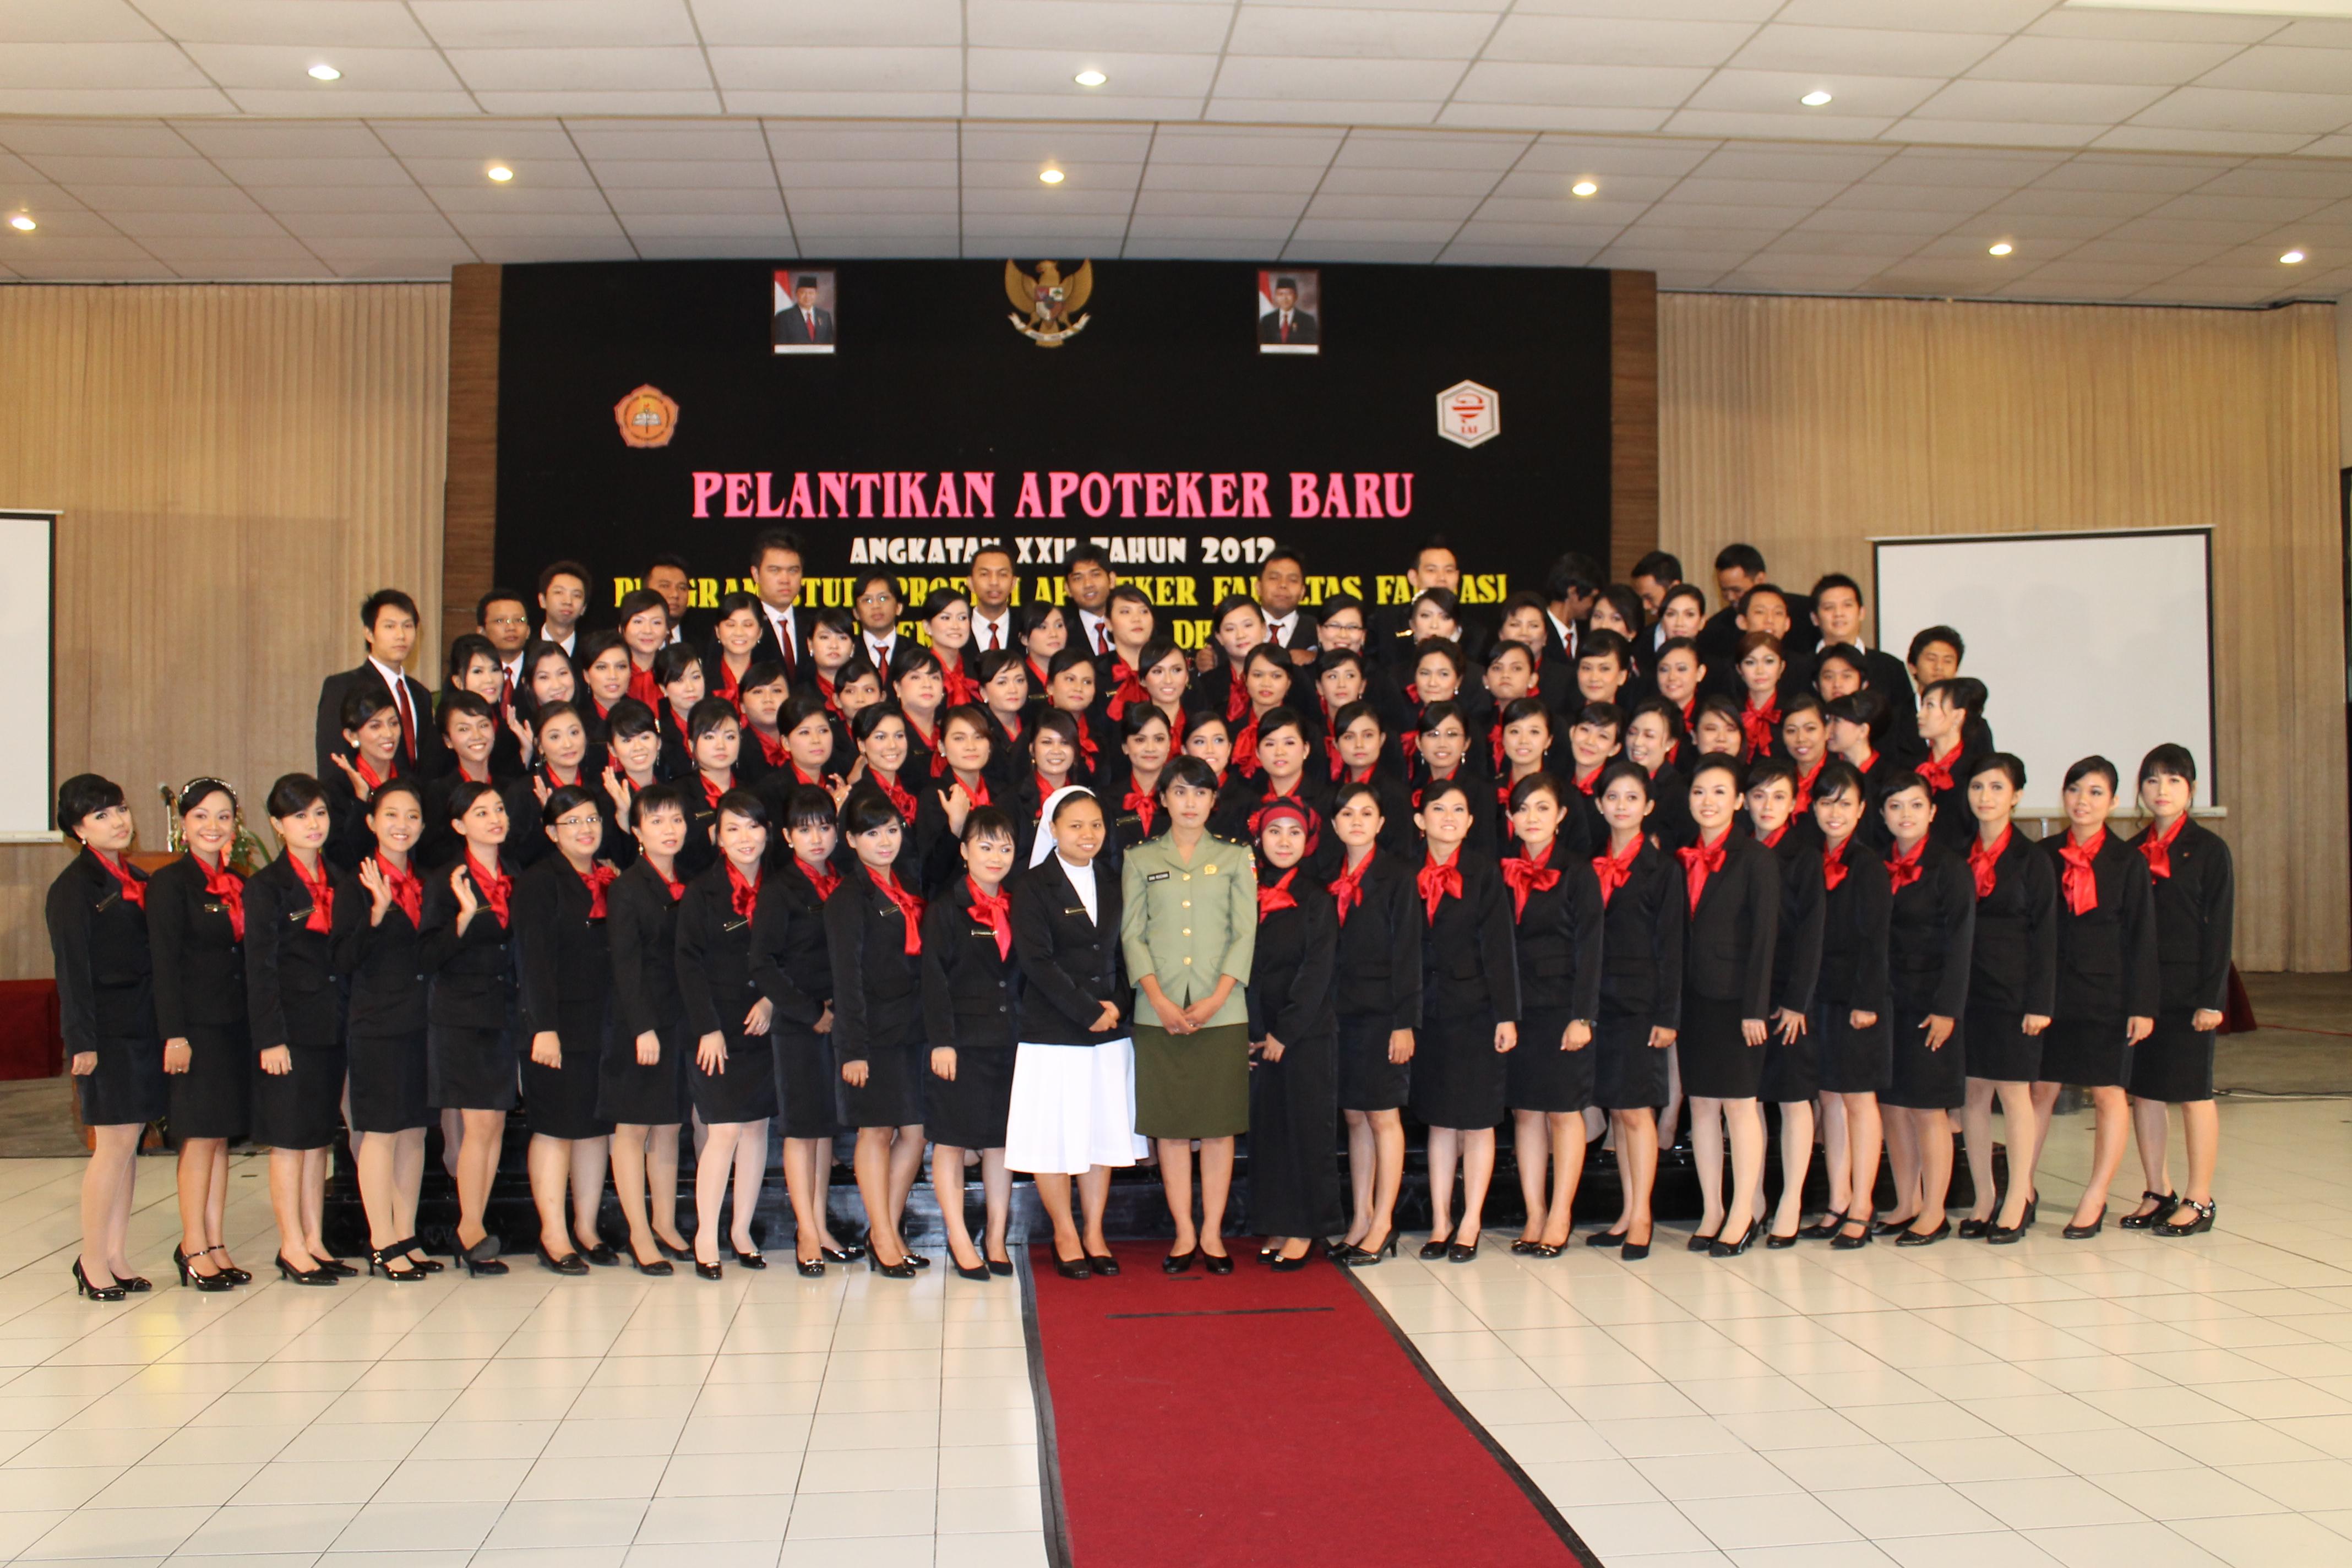 Daftar Akreditasi Perguruan Tinggi Farmasi Di Indonesia